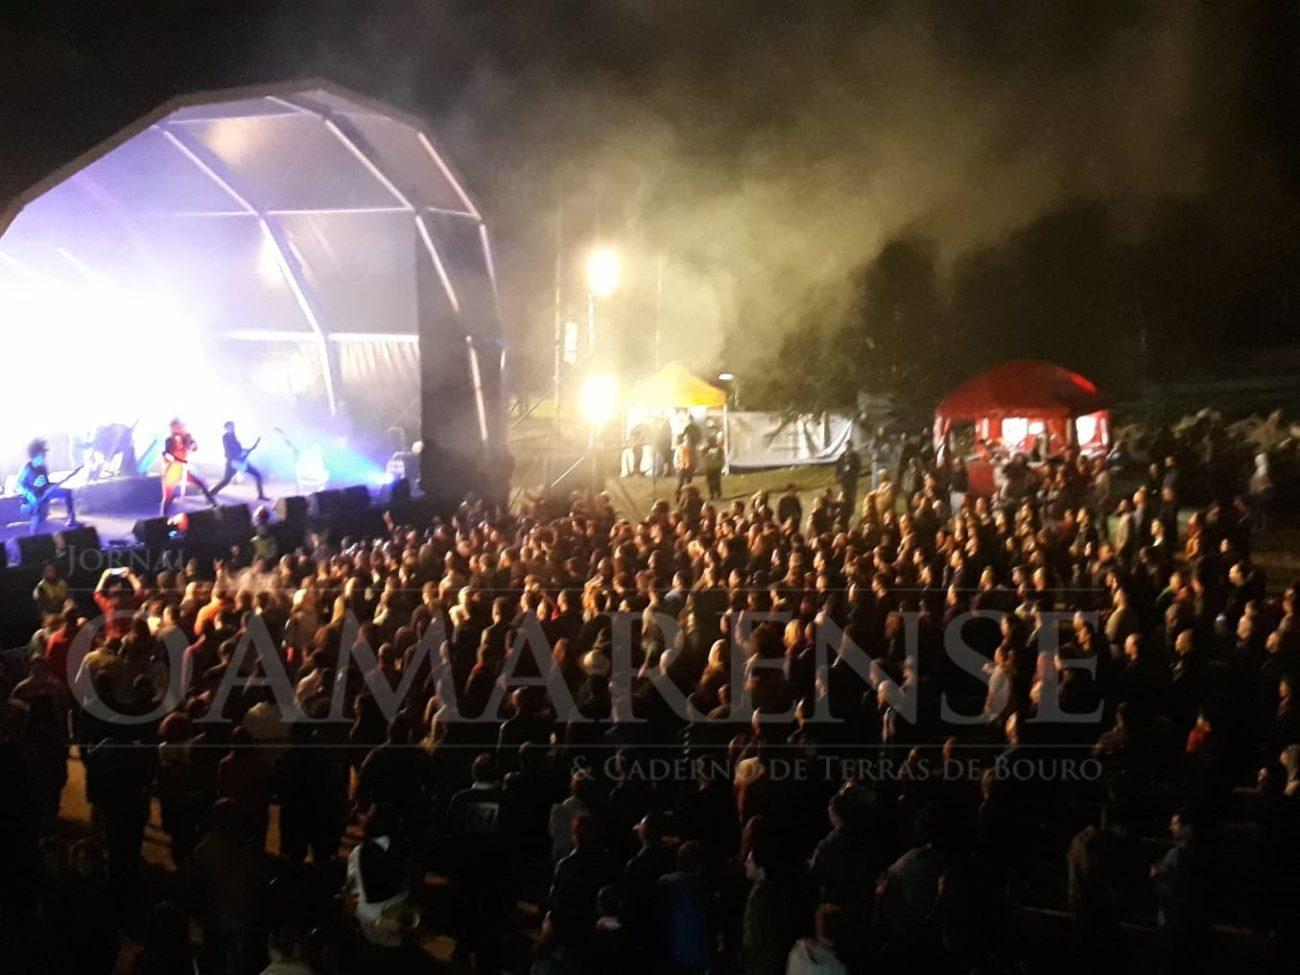 TERRAS DE BOURO - Primeiro dia do Gerês Rock Fest «superou as expectativas»